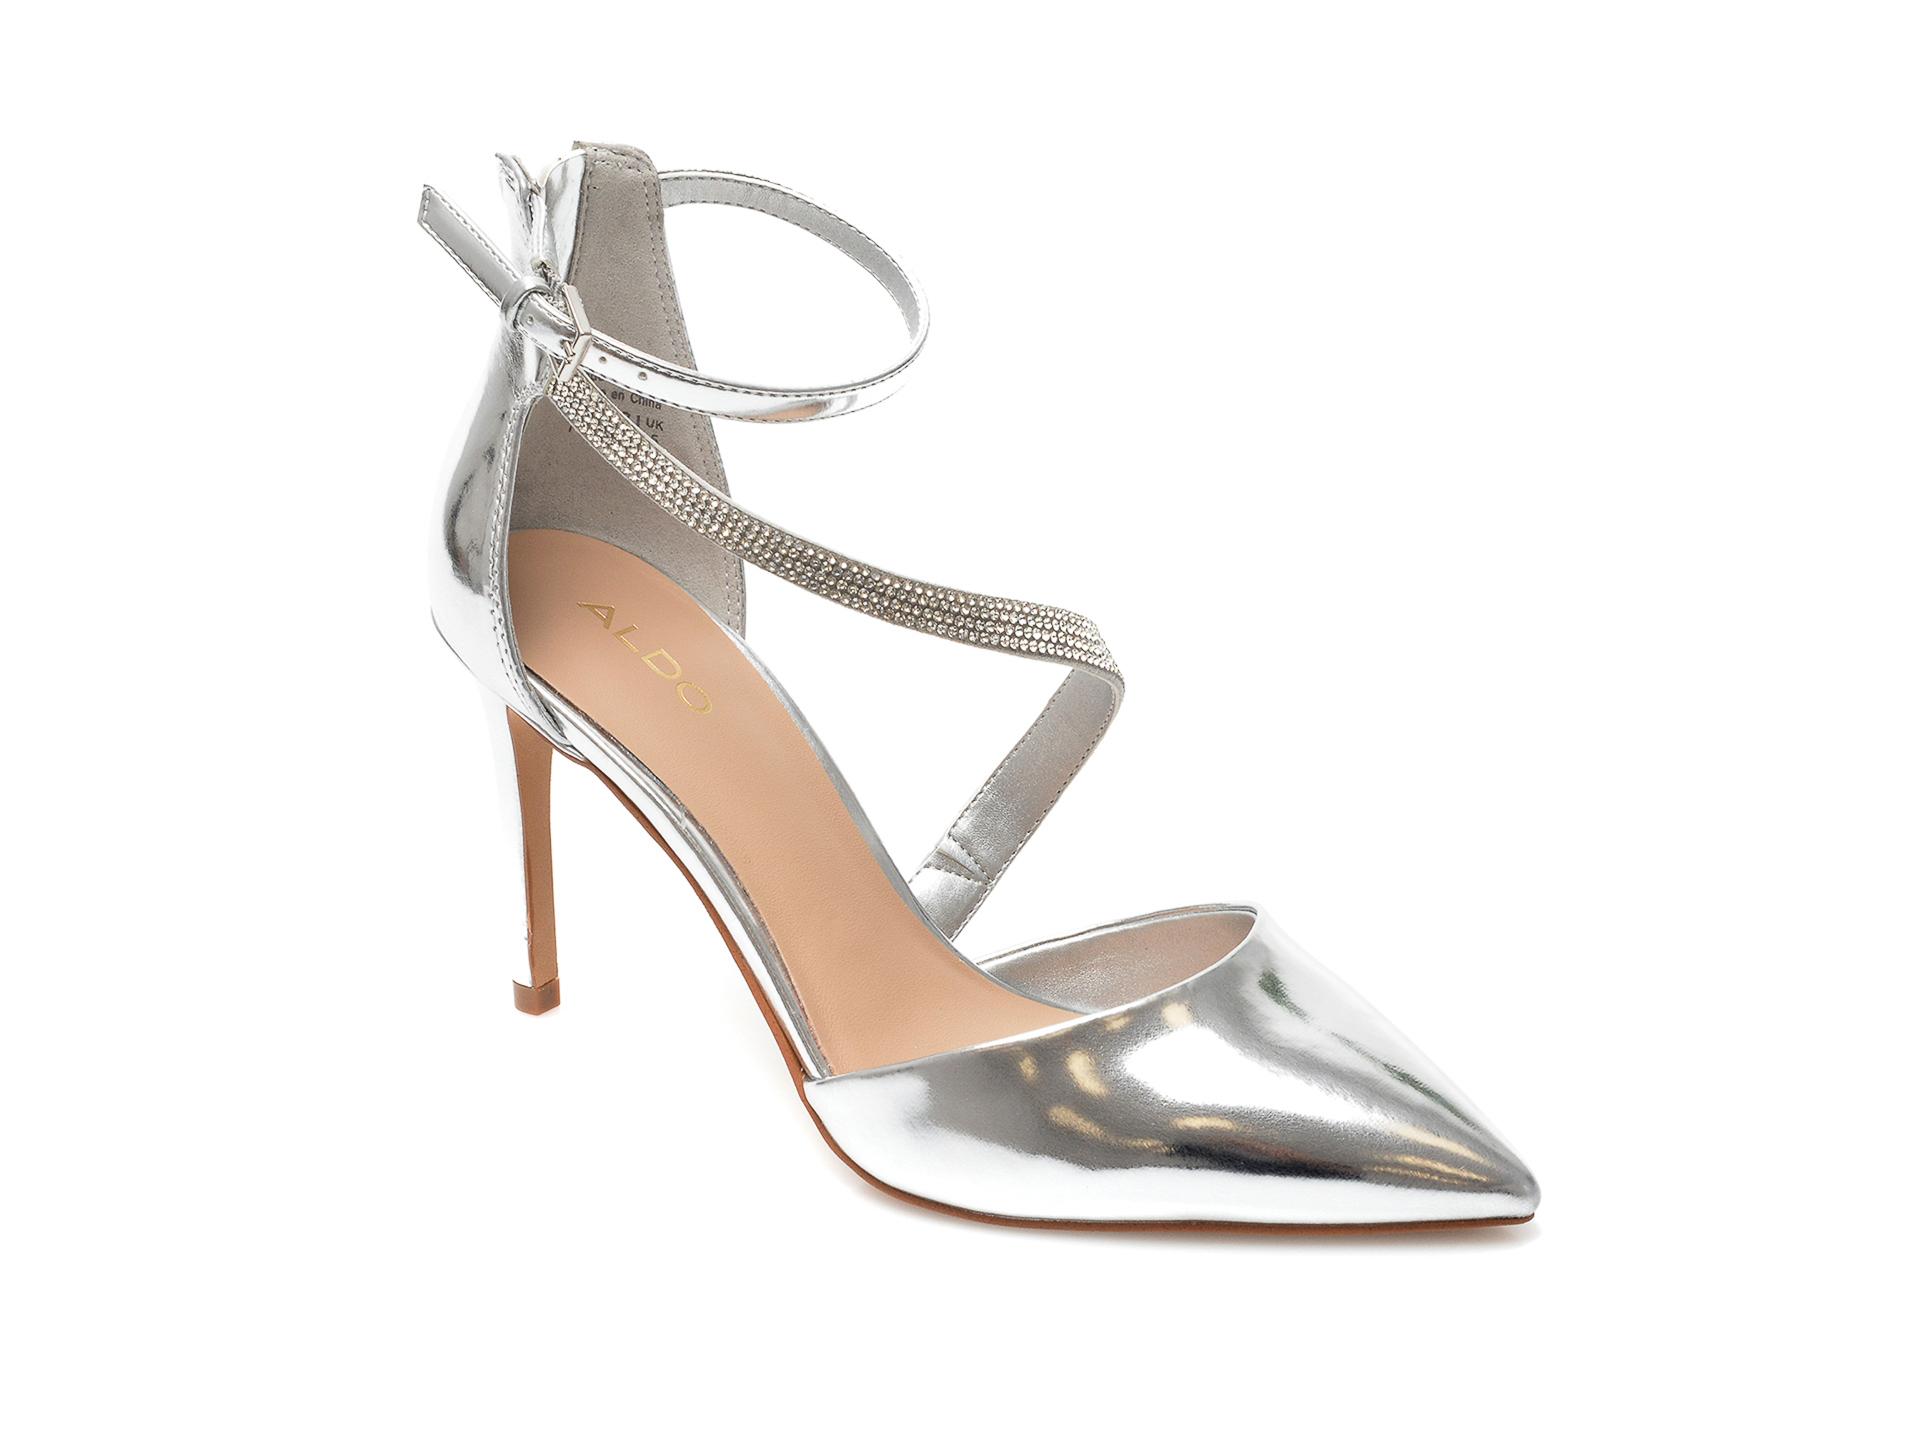 Pantofi ALDO argintii, Roivia040, din piele ecologica